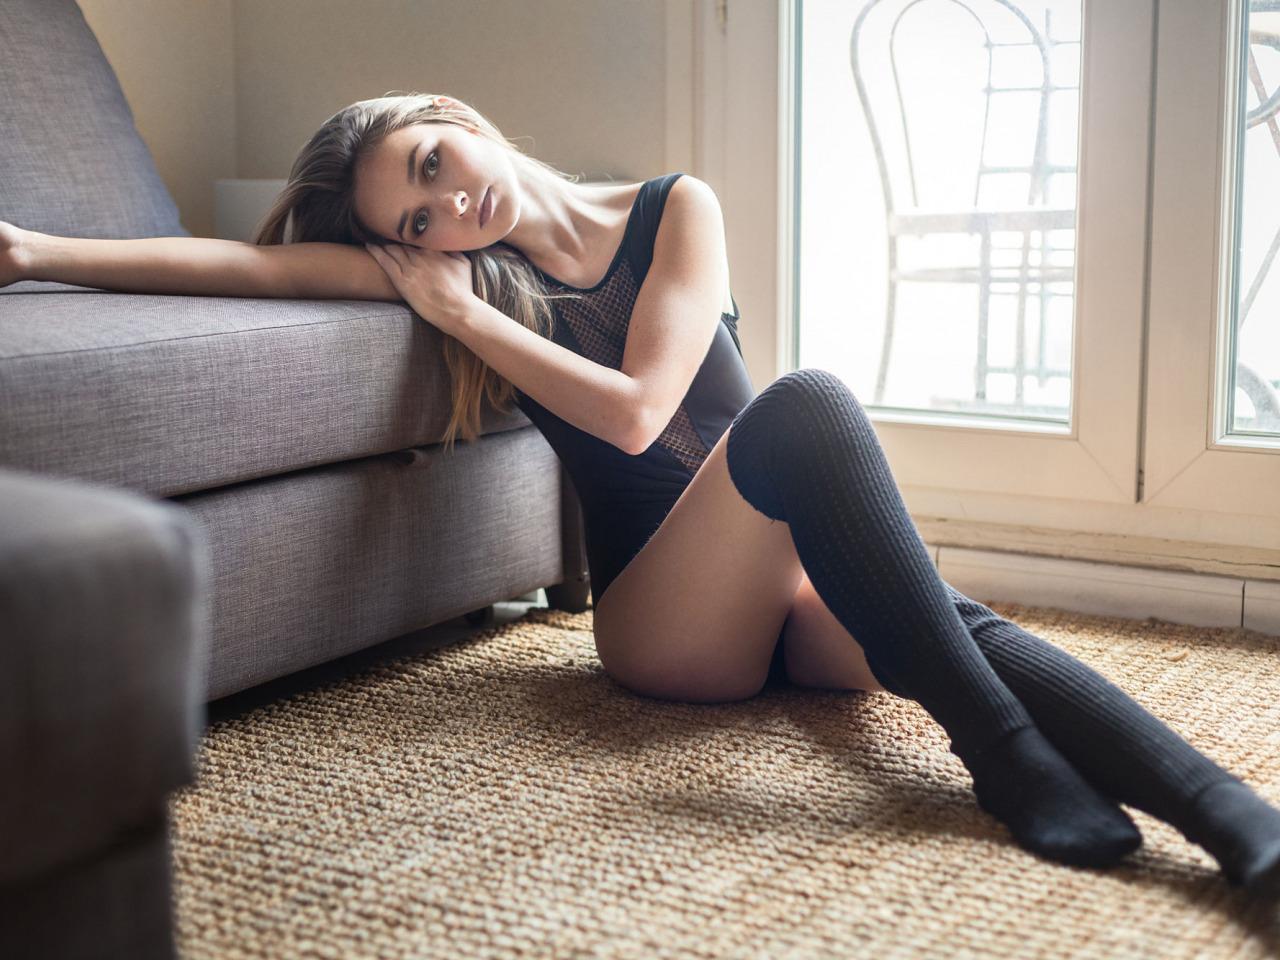 Милашка с красивыми ножками обнажила свои прелести